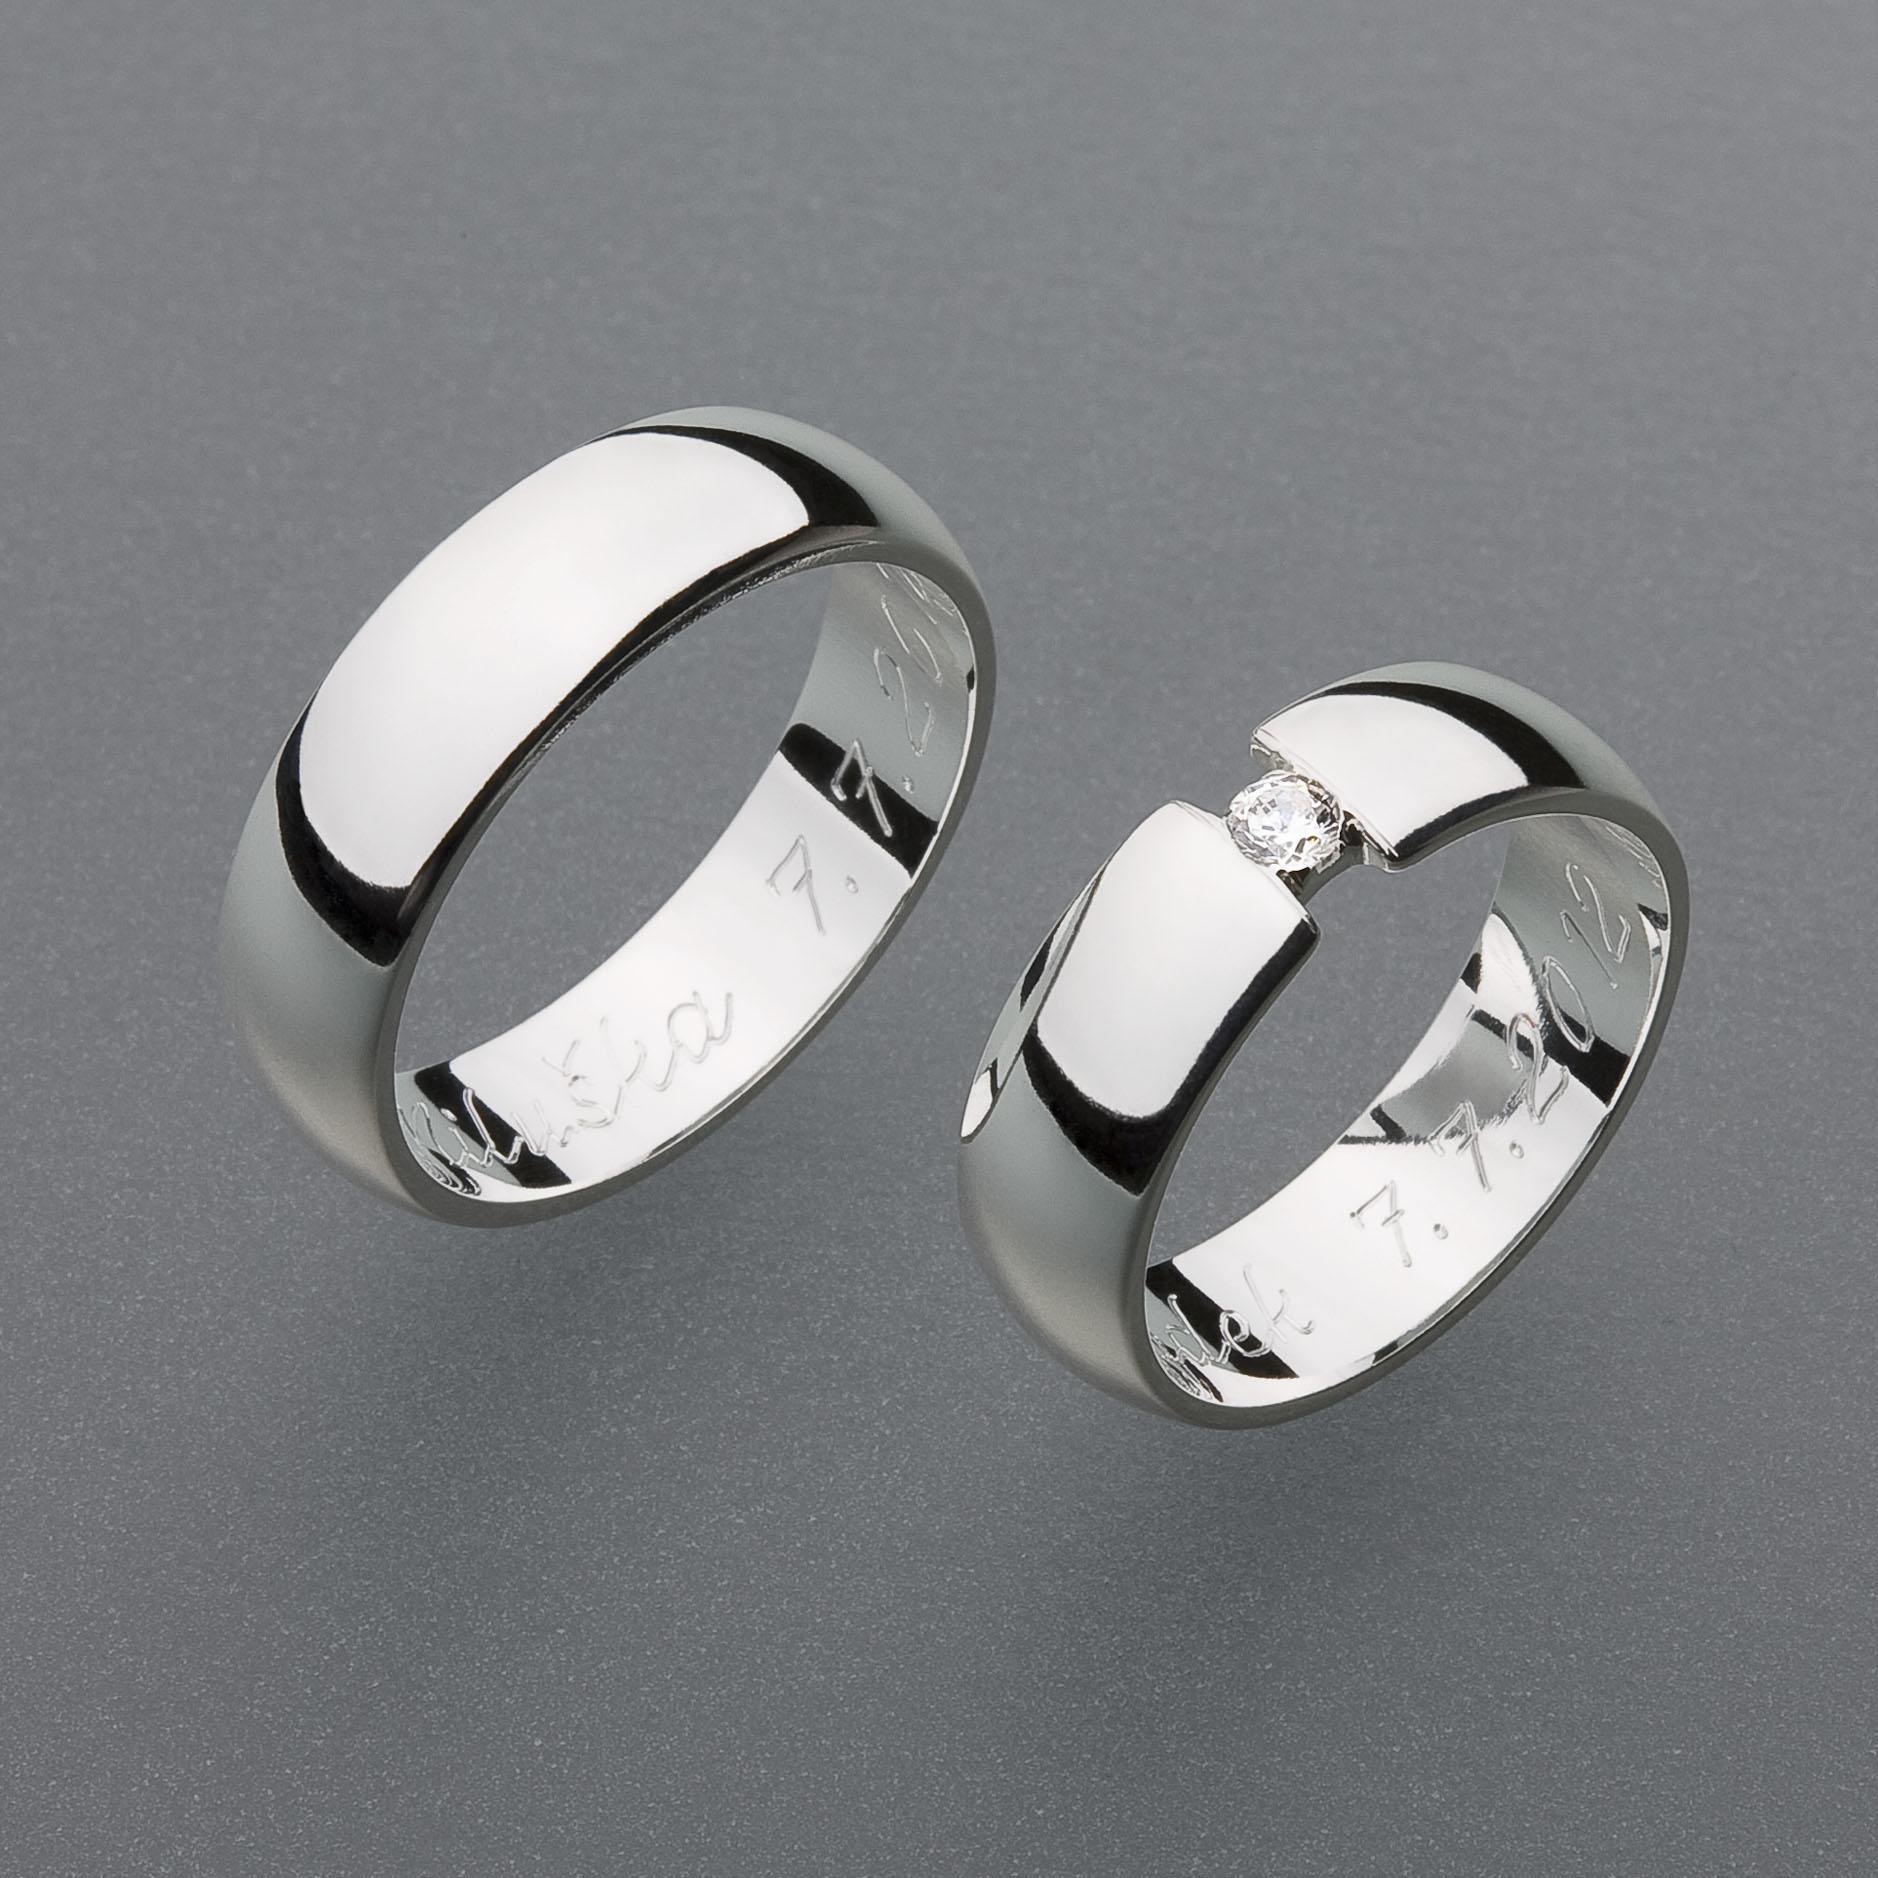 Stribrne Snubni Prsteny Vzor Z33